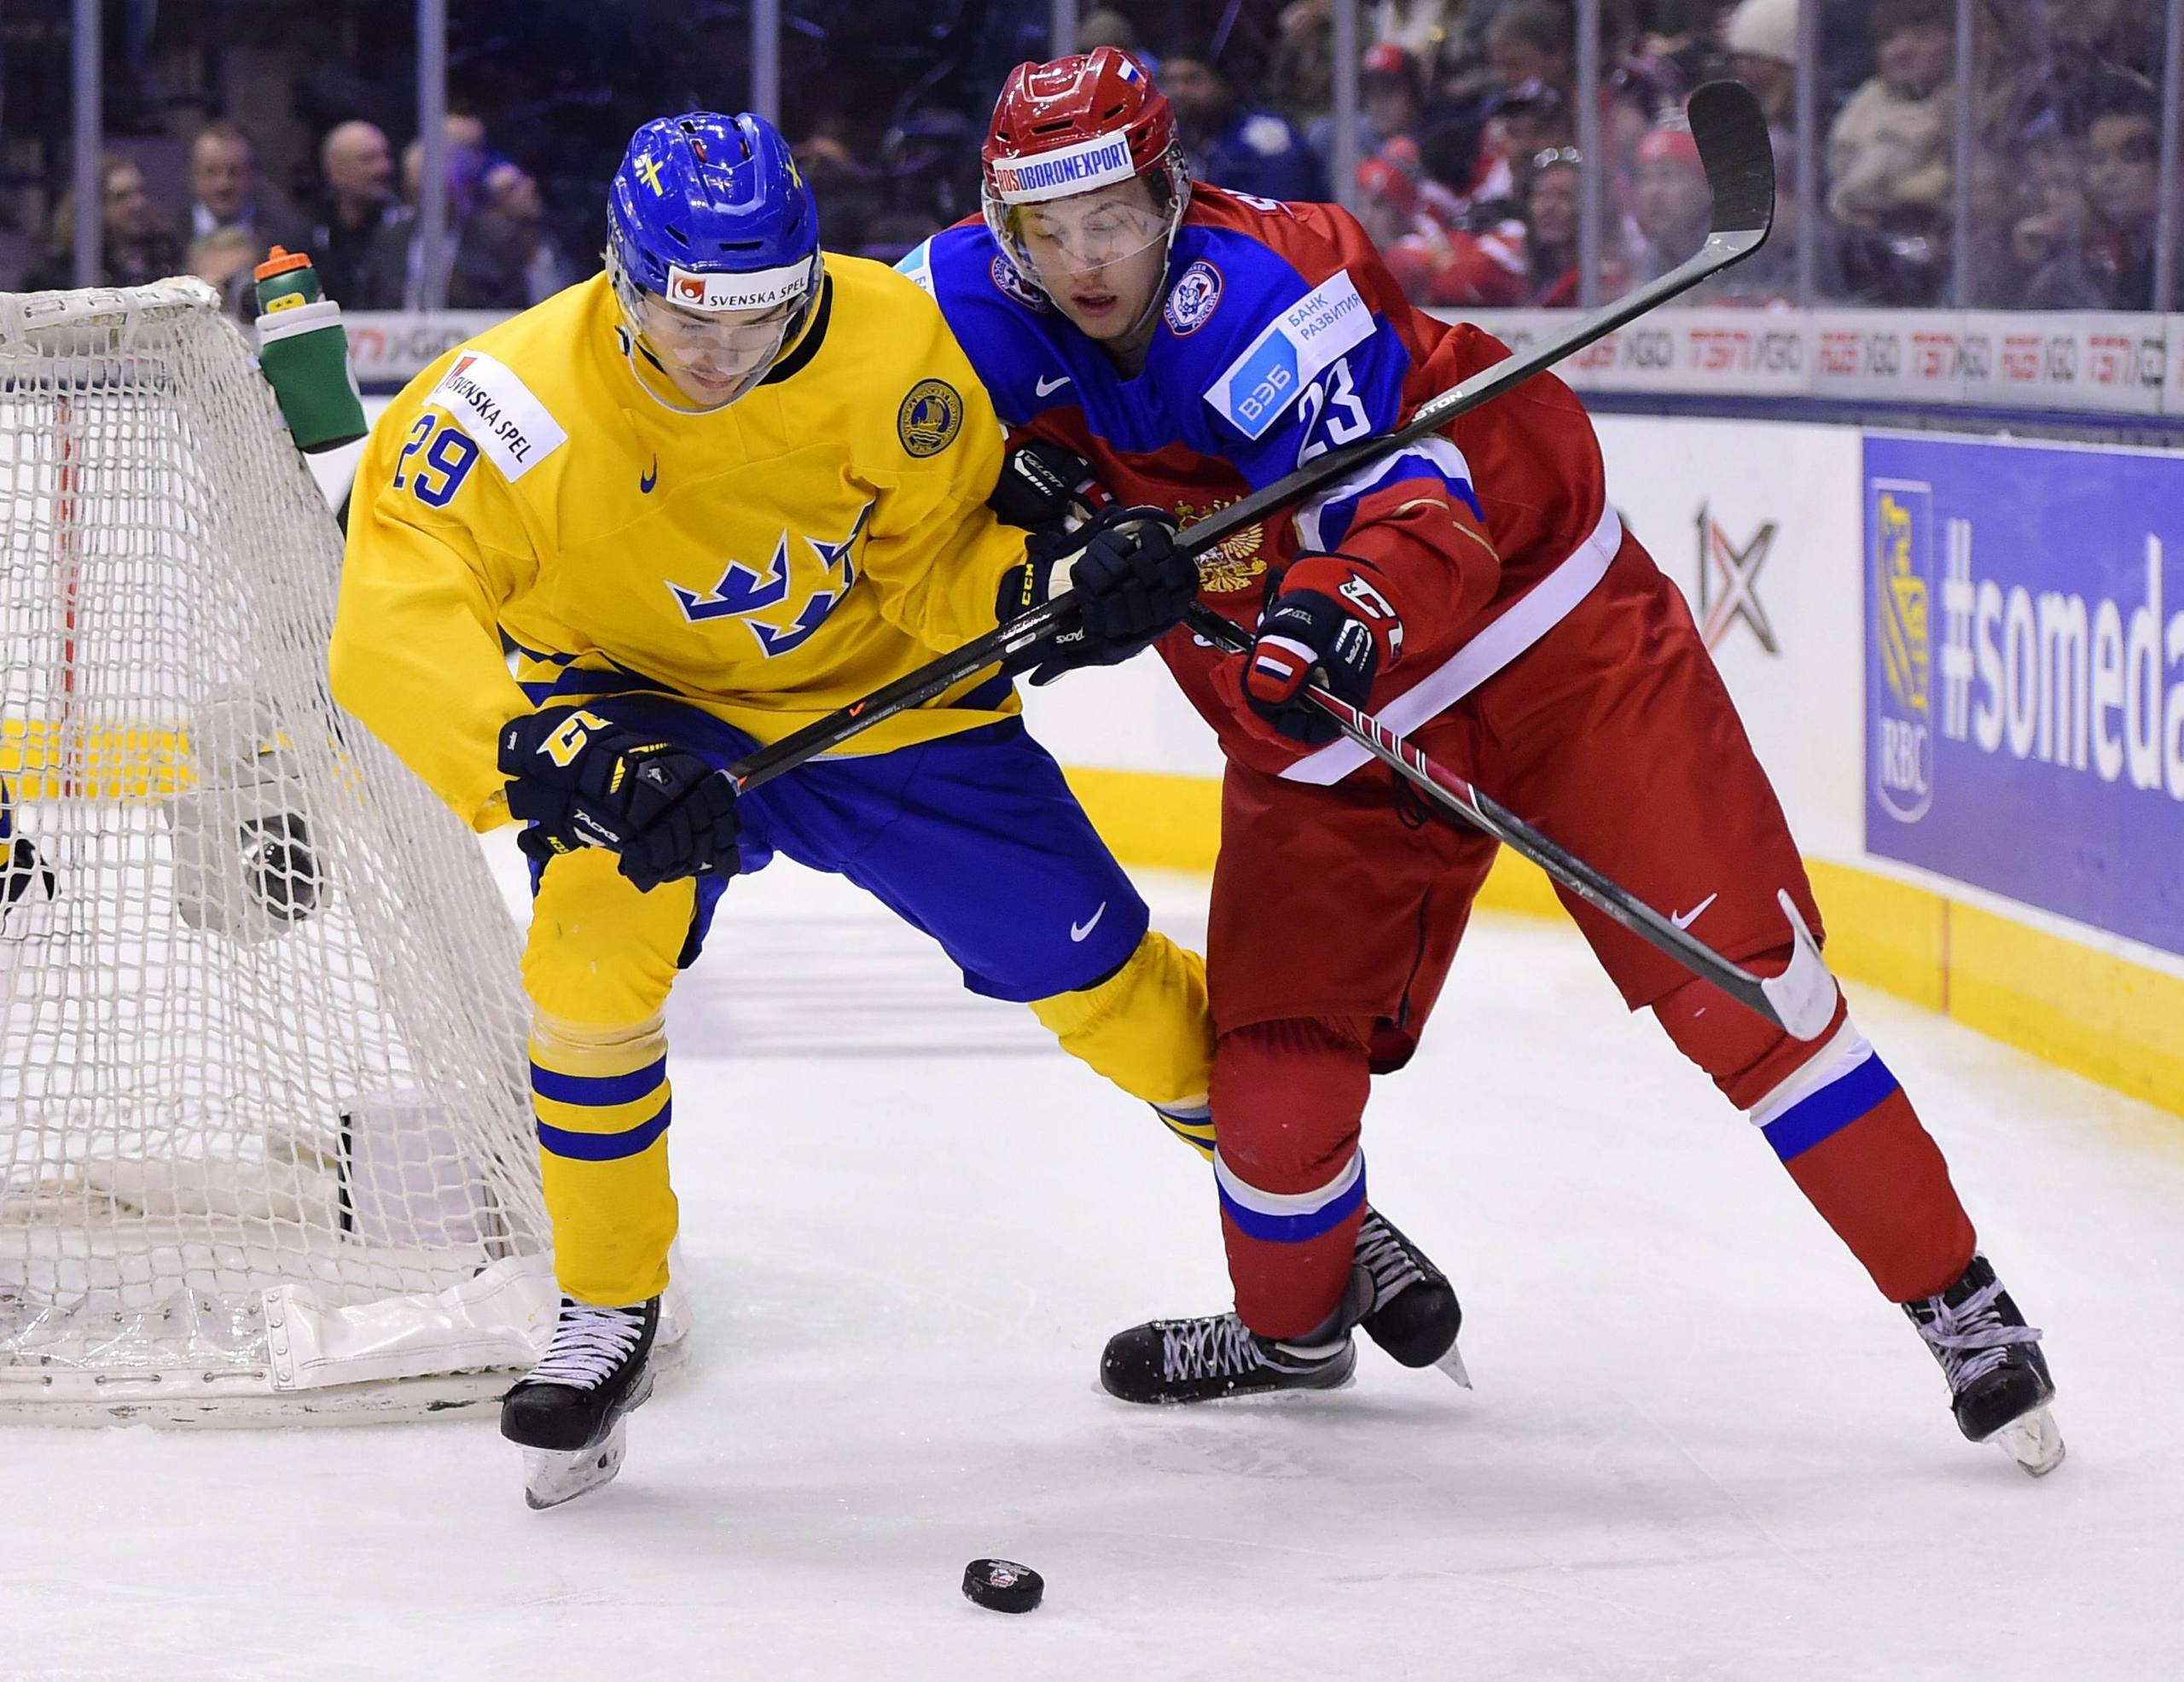 Kempe tillbaka mot ryssland